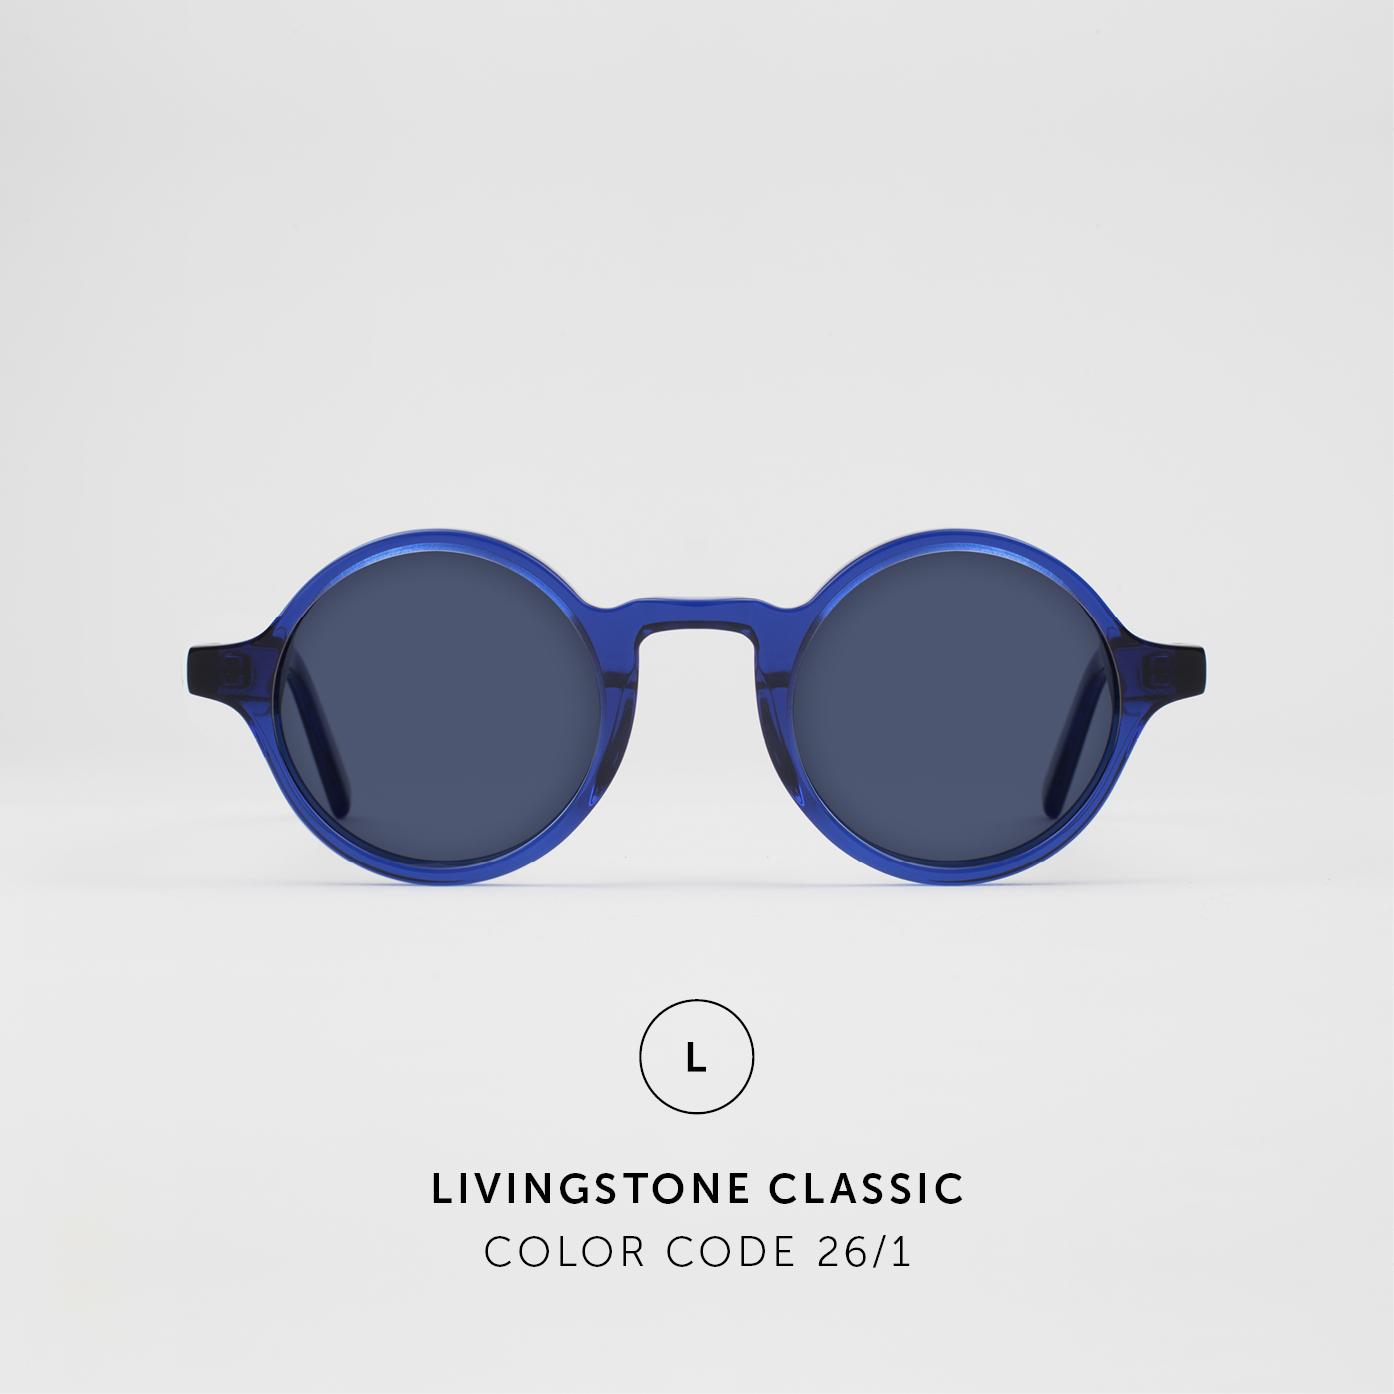 LivingstoneClassic64.jpg